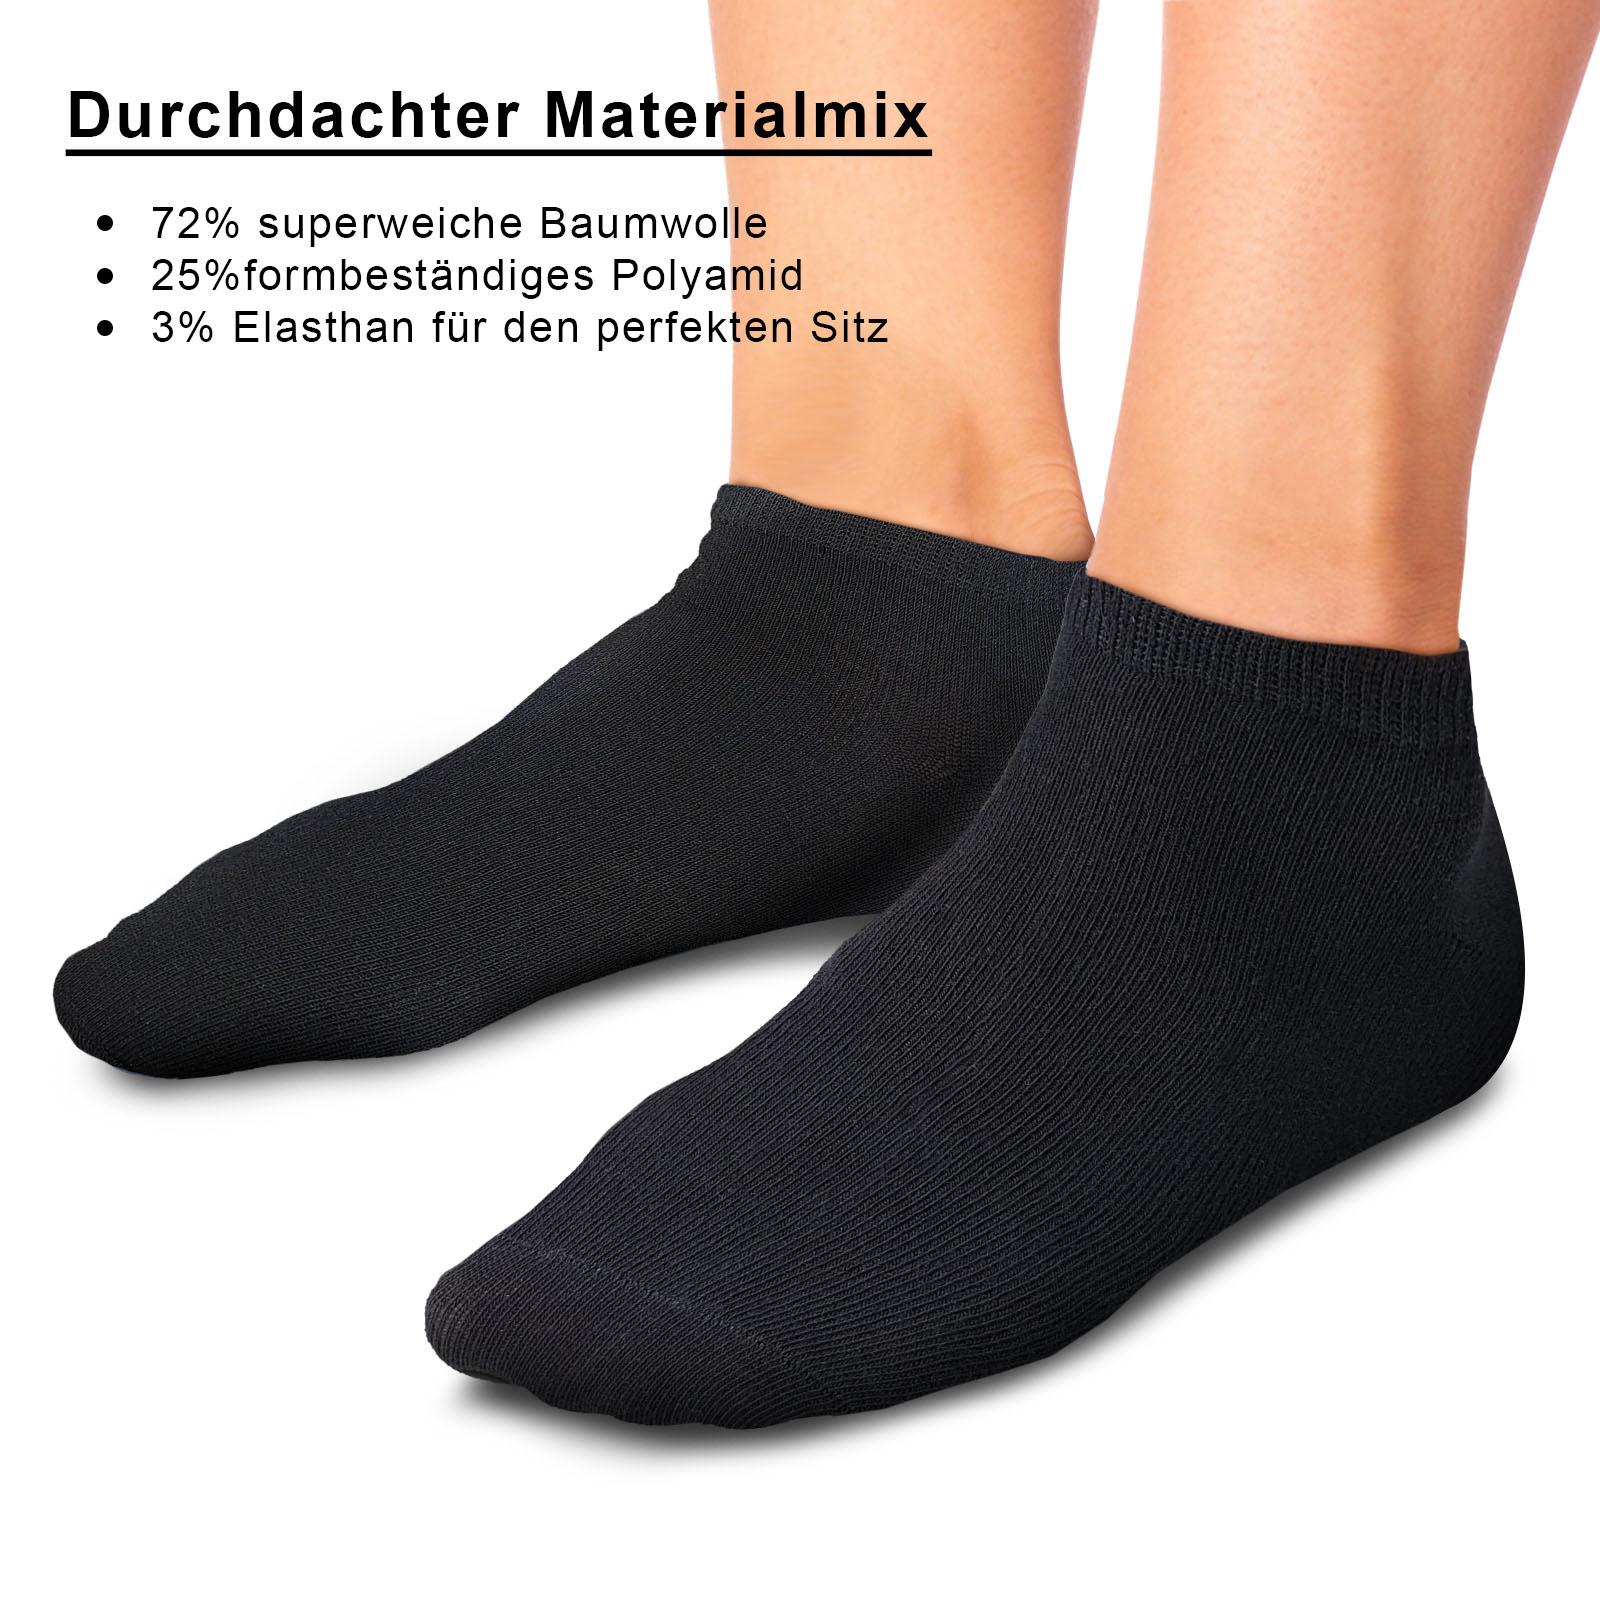 ROYALZ Sneaker Socken 5 Paar für Damen und Herren Füßlinge Oeko Tex Kurz Socken Söckchen 5er Pack